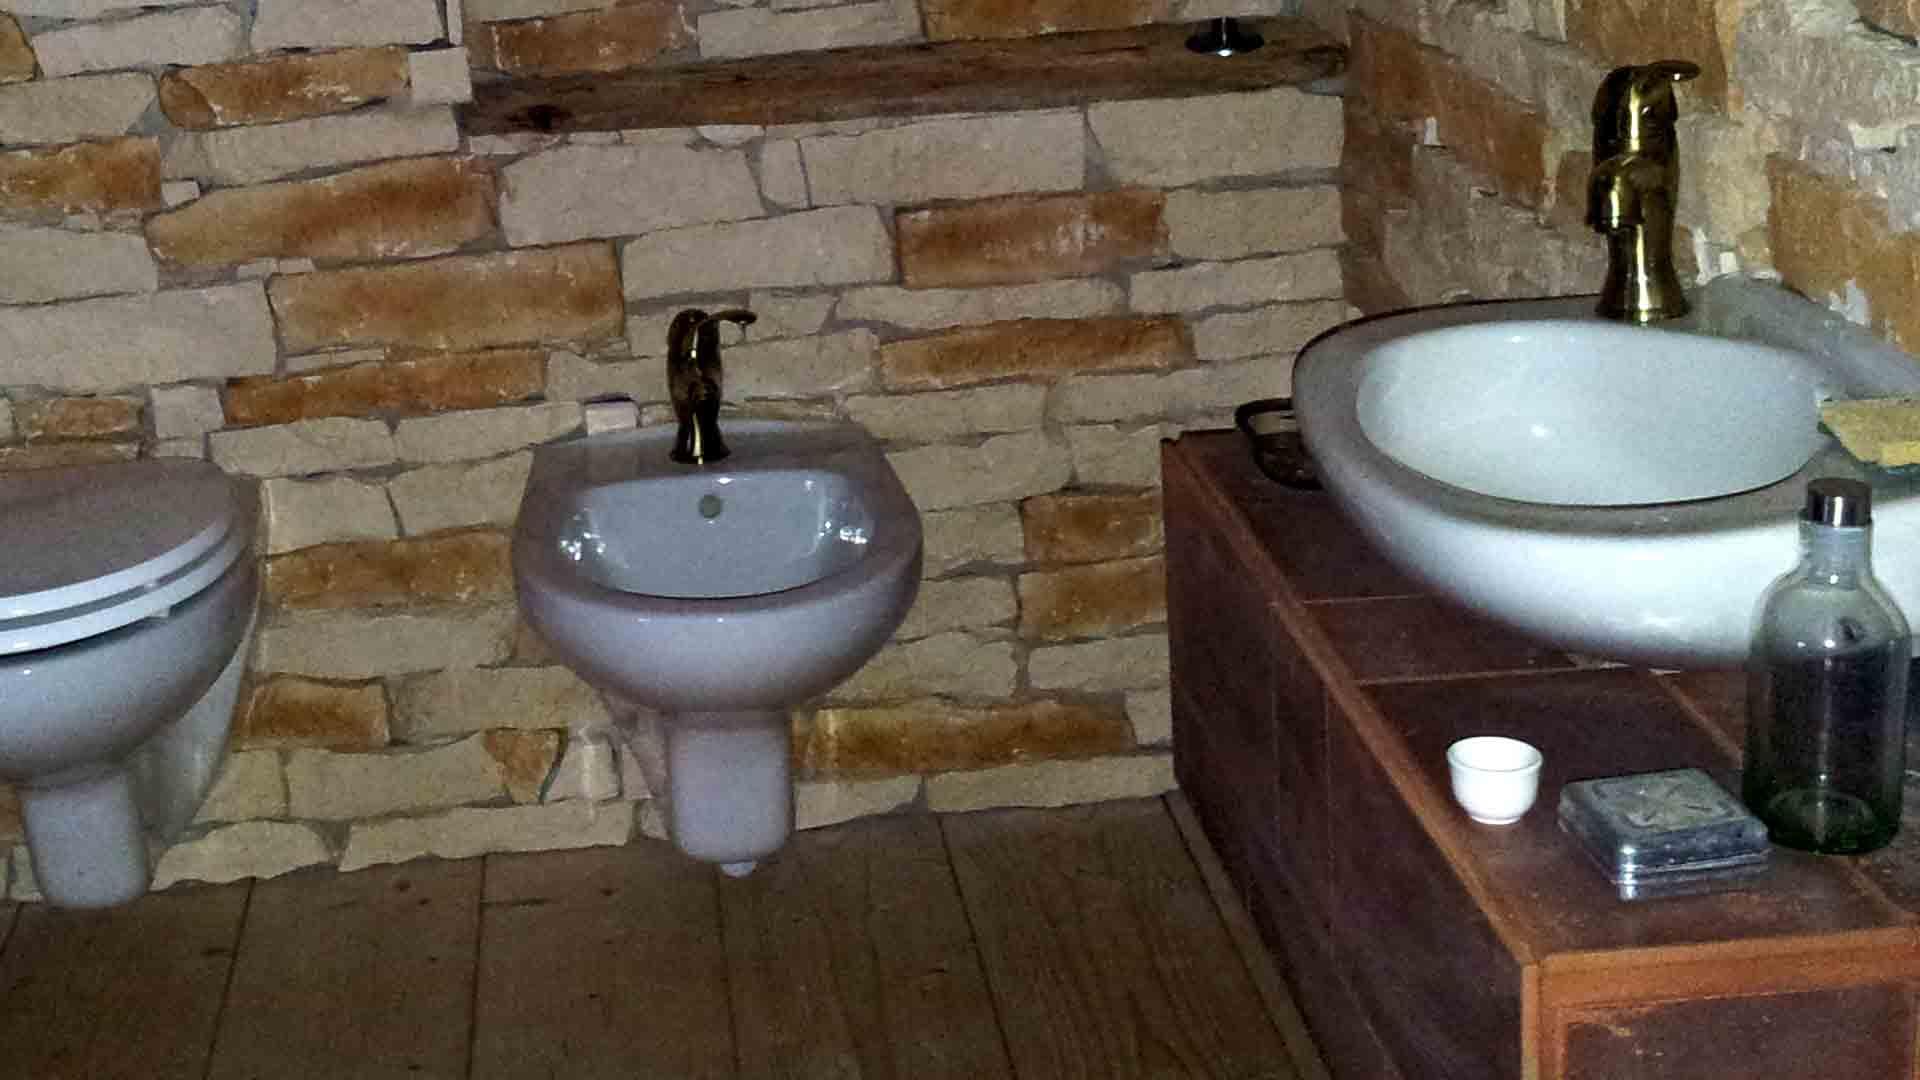 Bagno camera zen wc bidet lavandino sospeso B&B & meditation center Zorba il Buddha Passerano Marmorito Asti